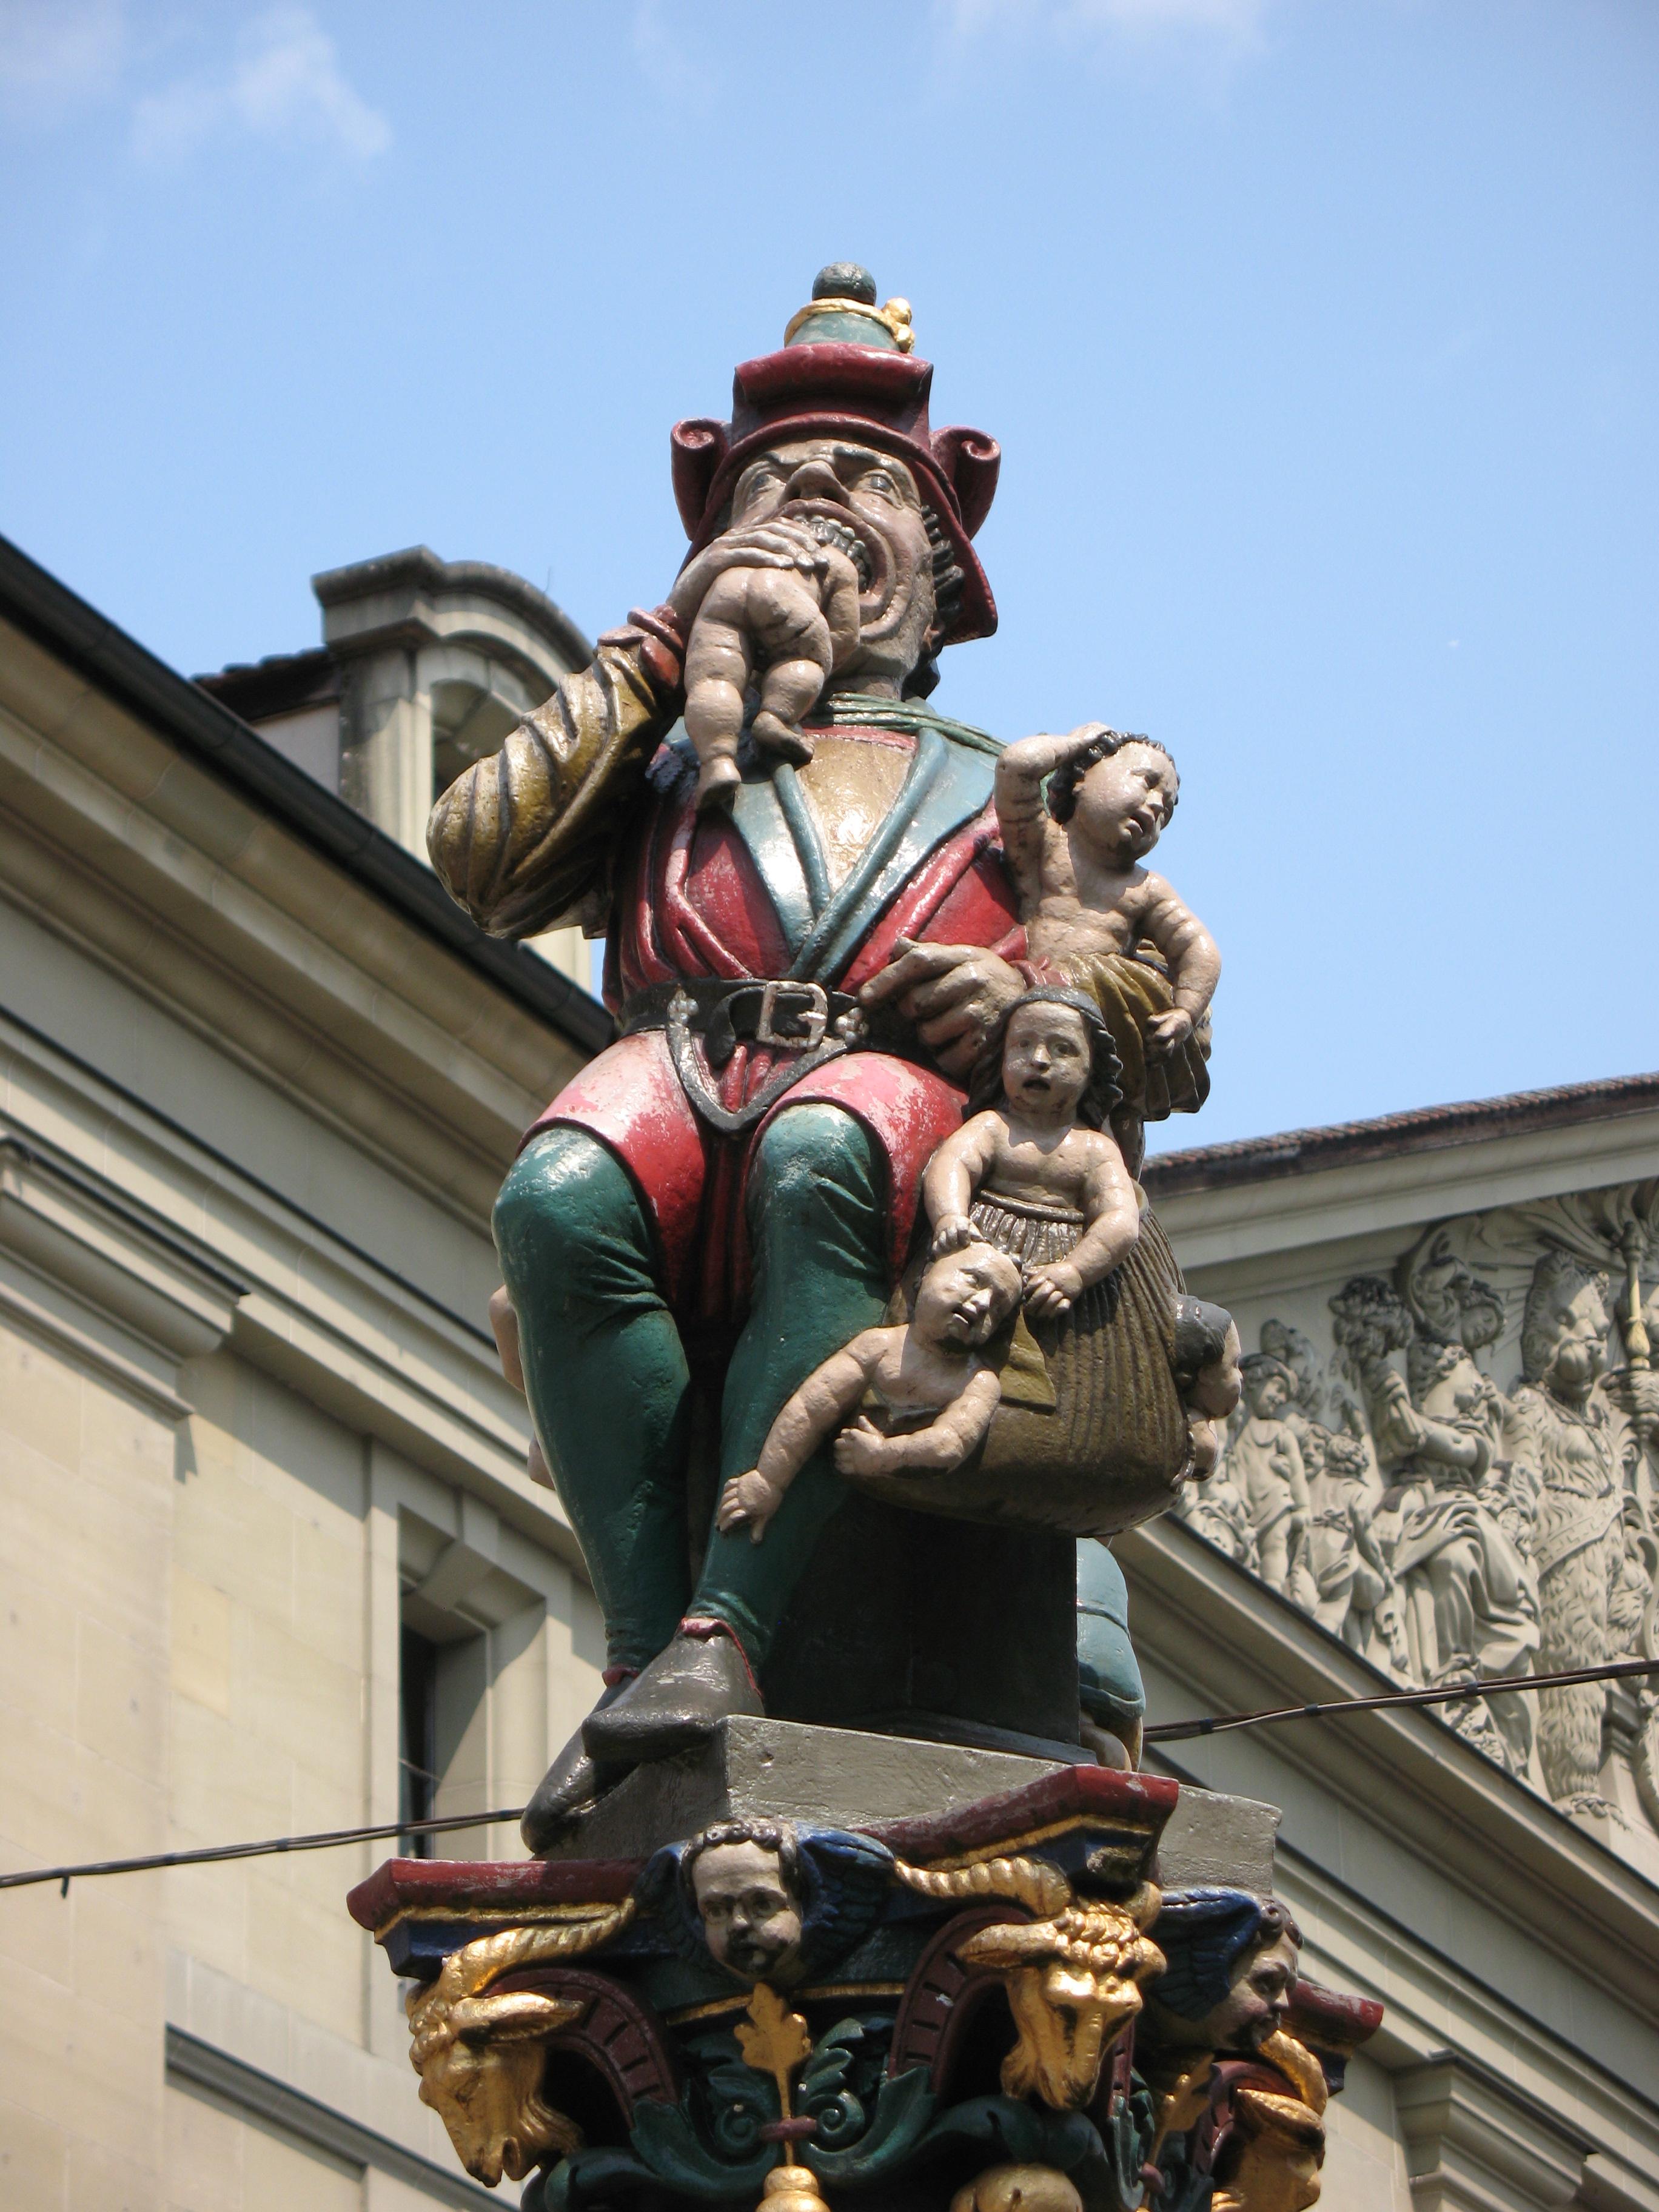 Čudne statue širom sveta - Page 4 4377_-_Bern_-_Kindlifresserbrunnen_am_Kornhausplatz